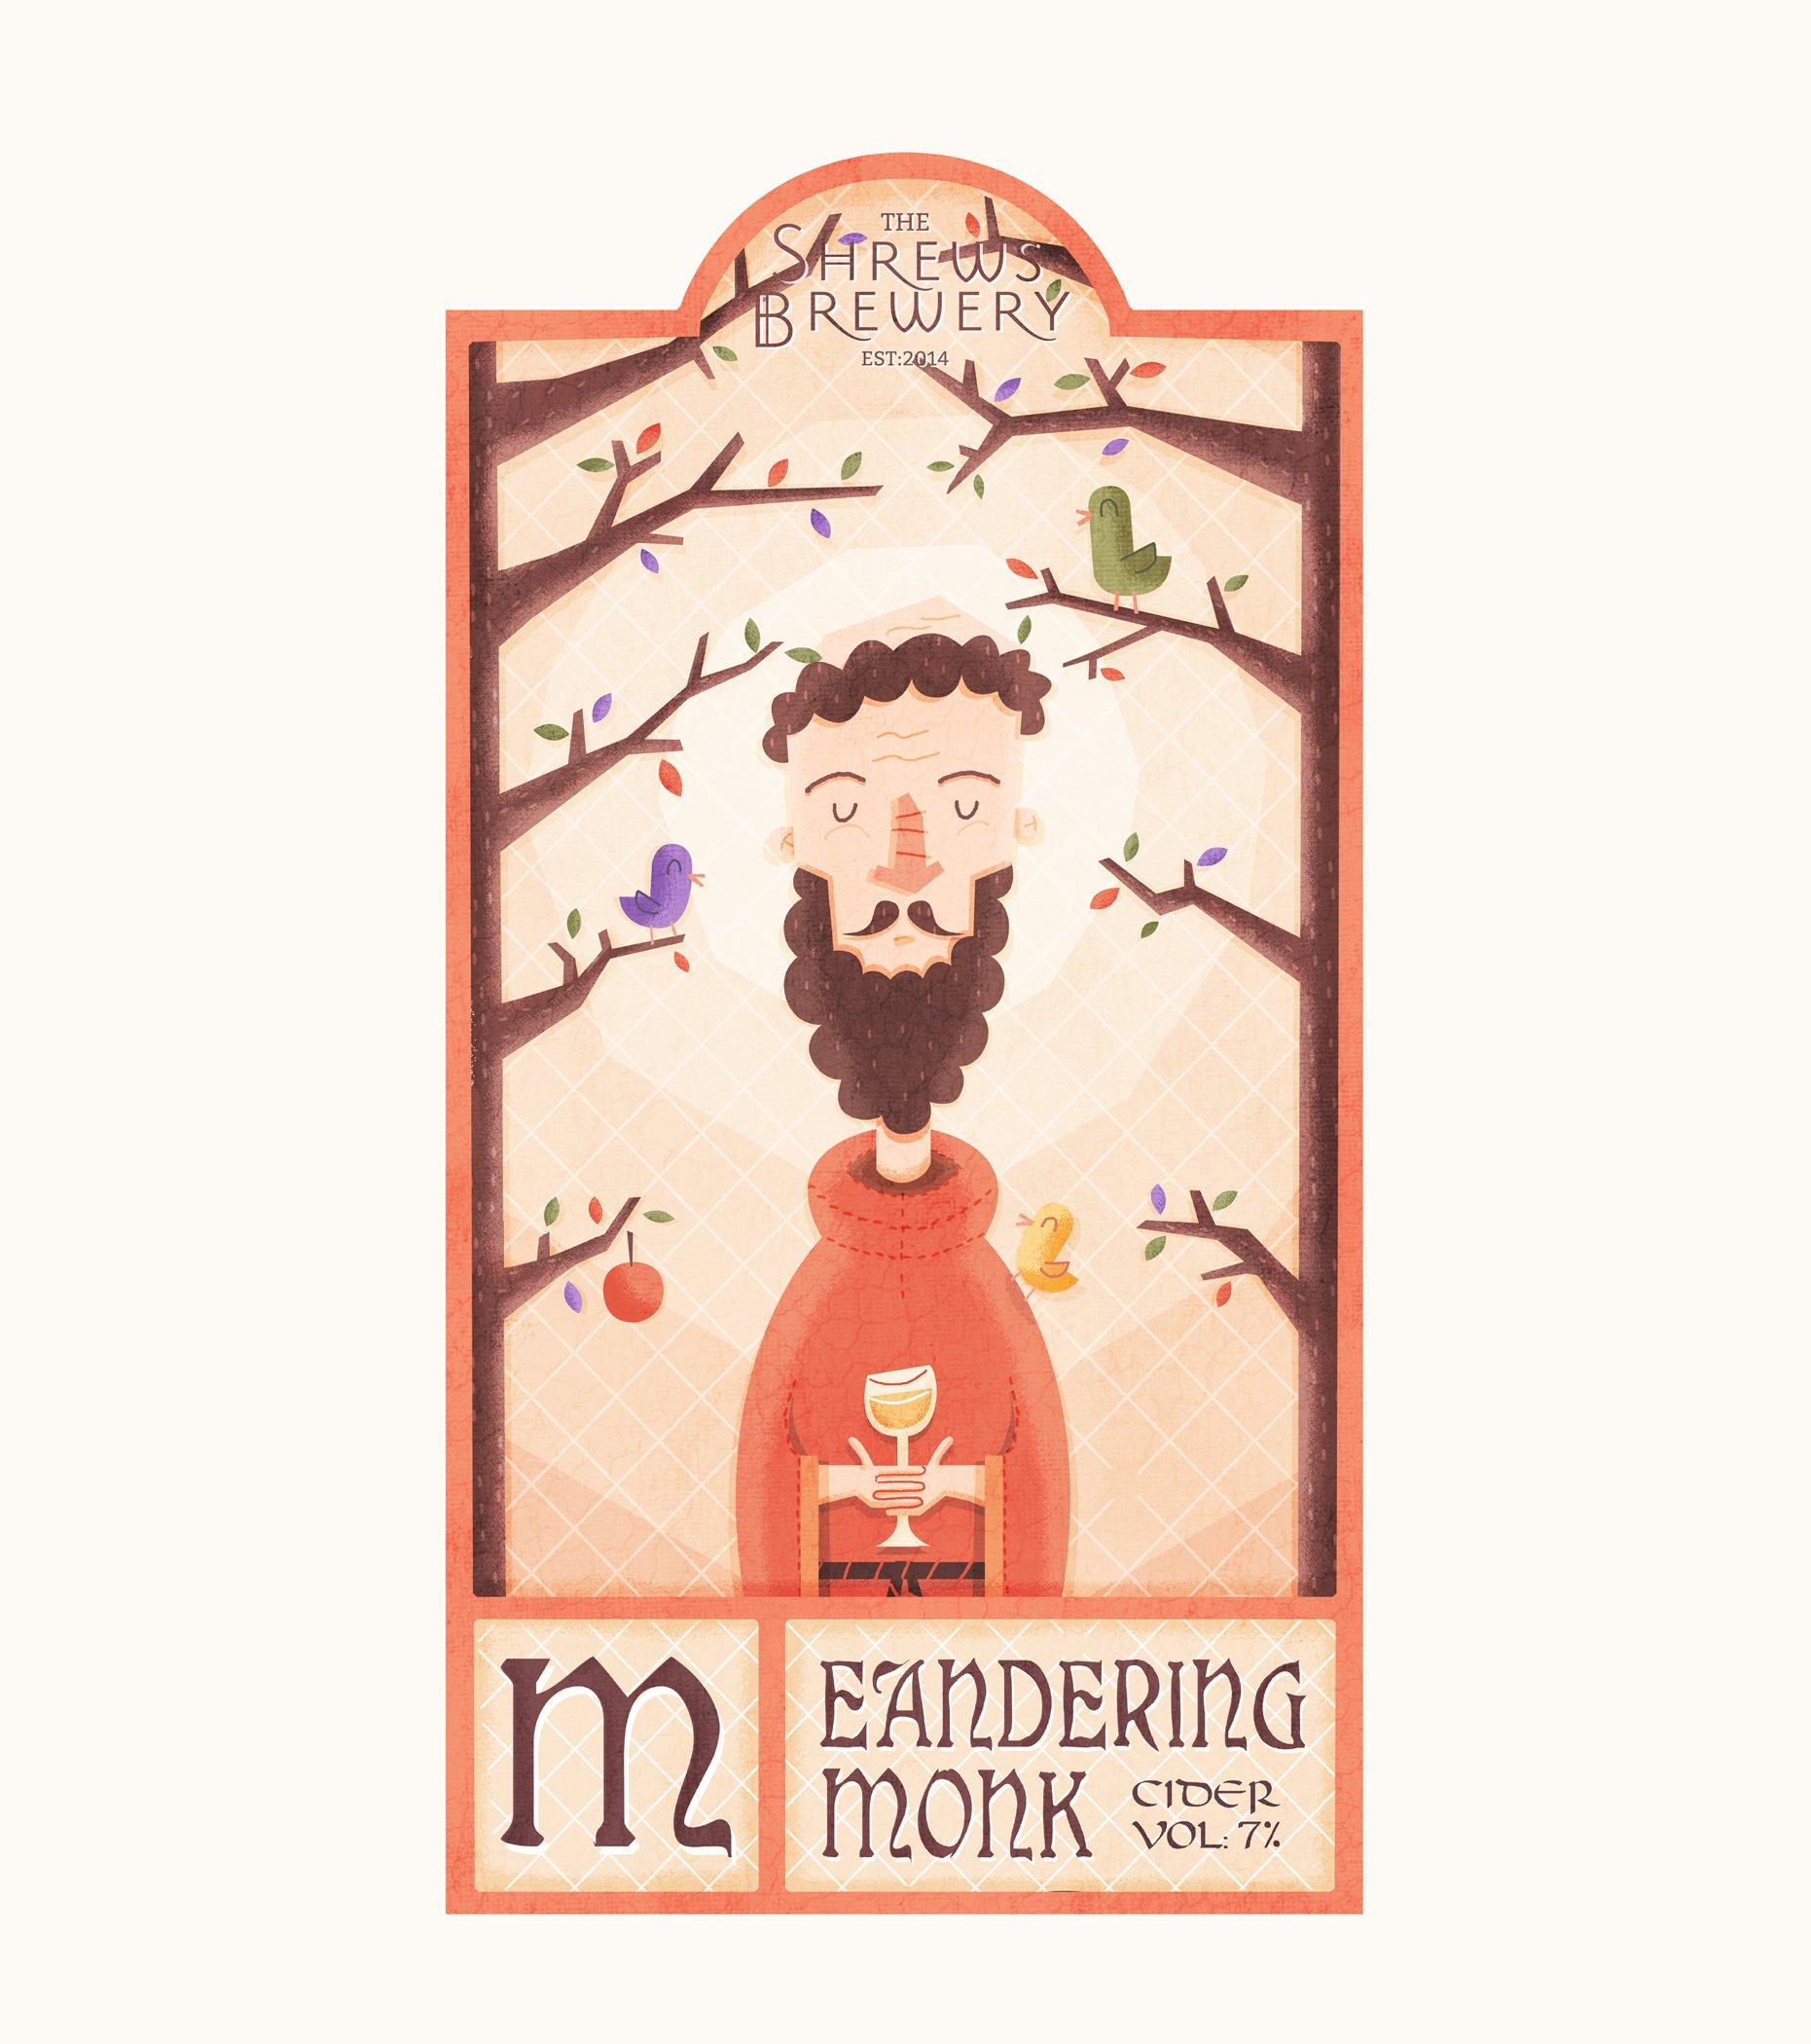 meandering monk cider label design Illustration